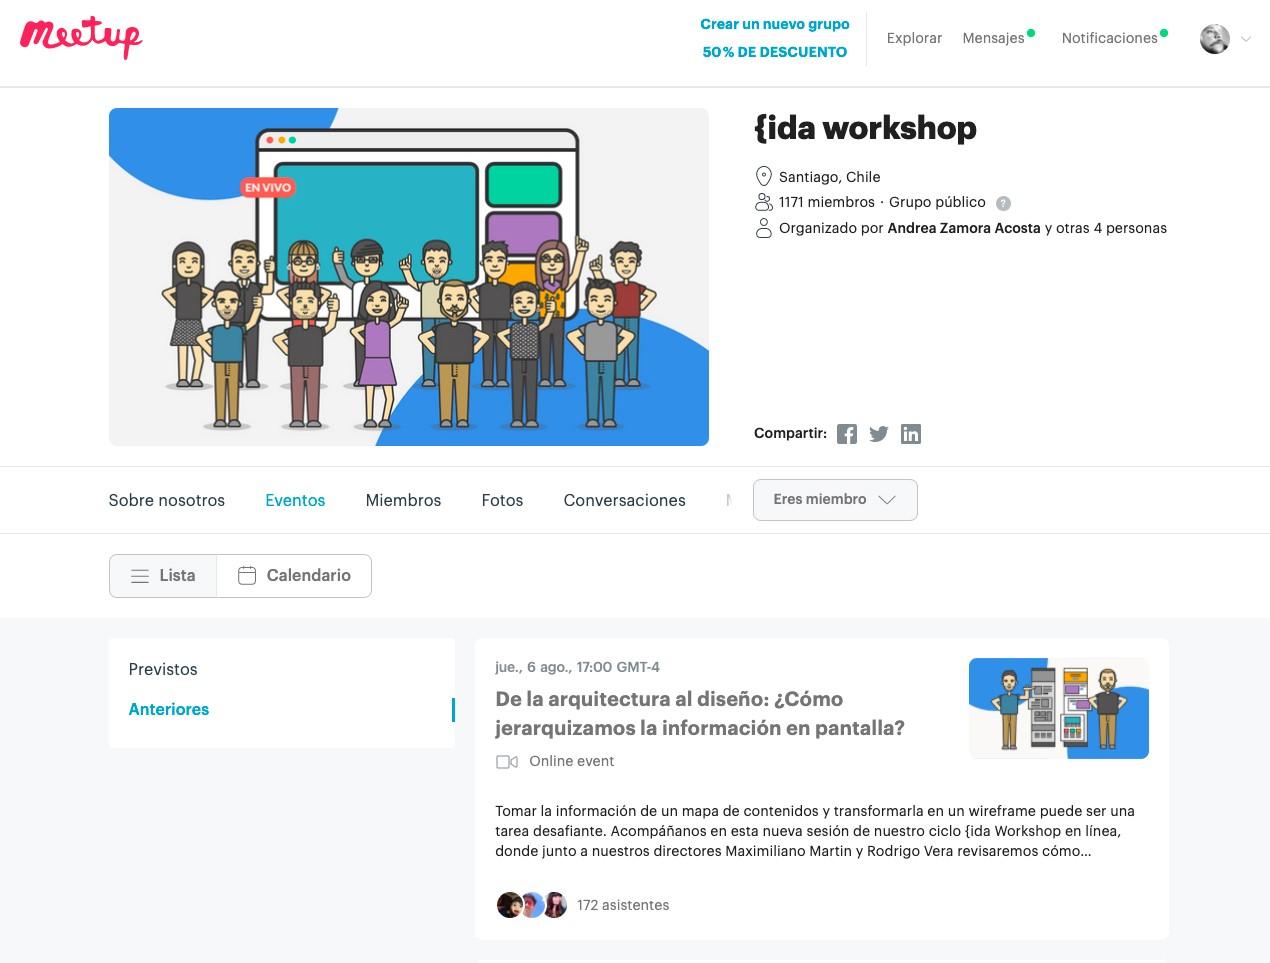 Compartiendo contenido con nuestra comunidad en MeetUp.